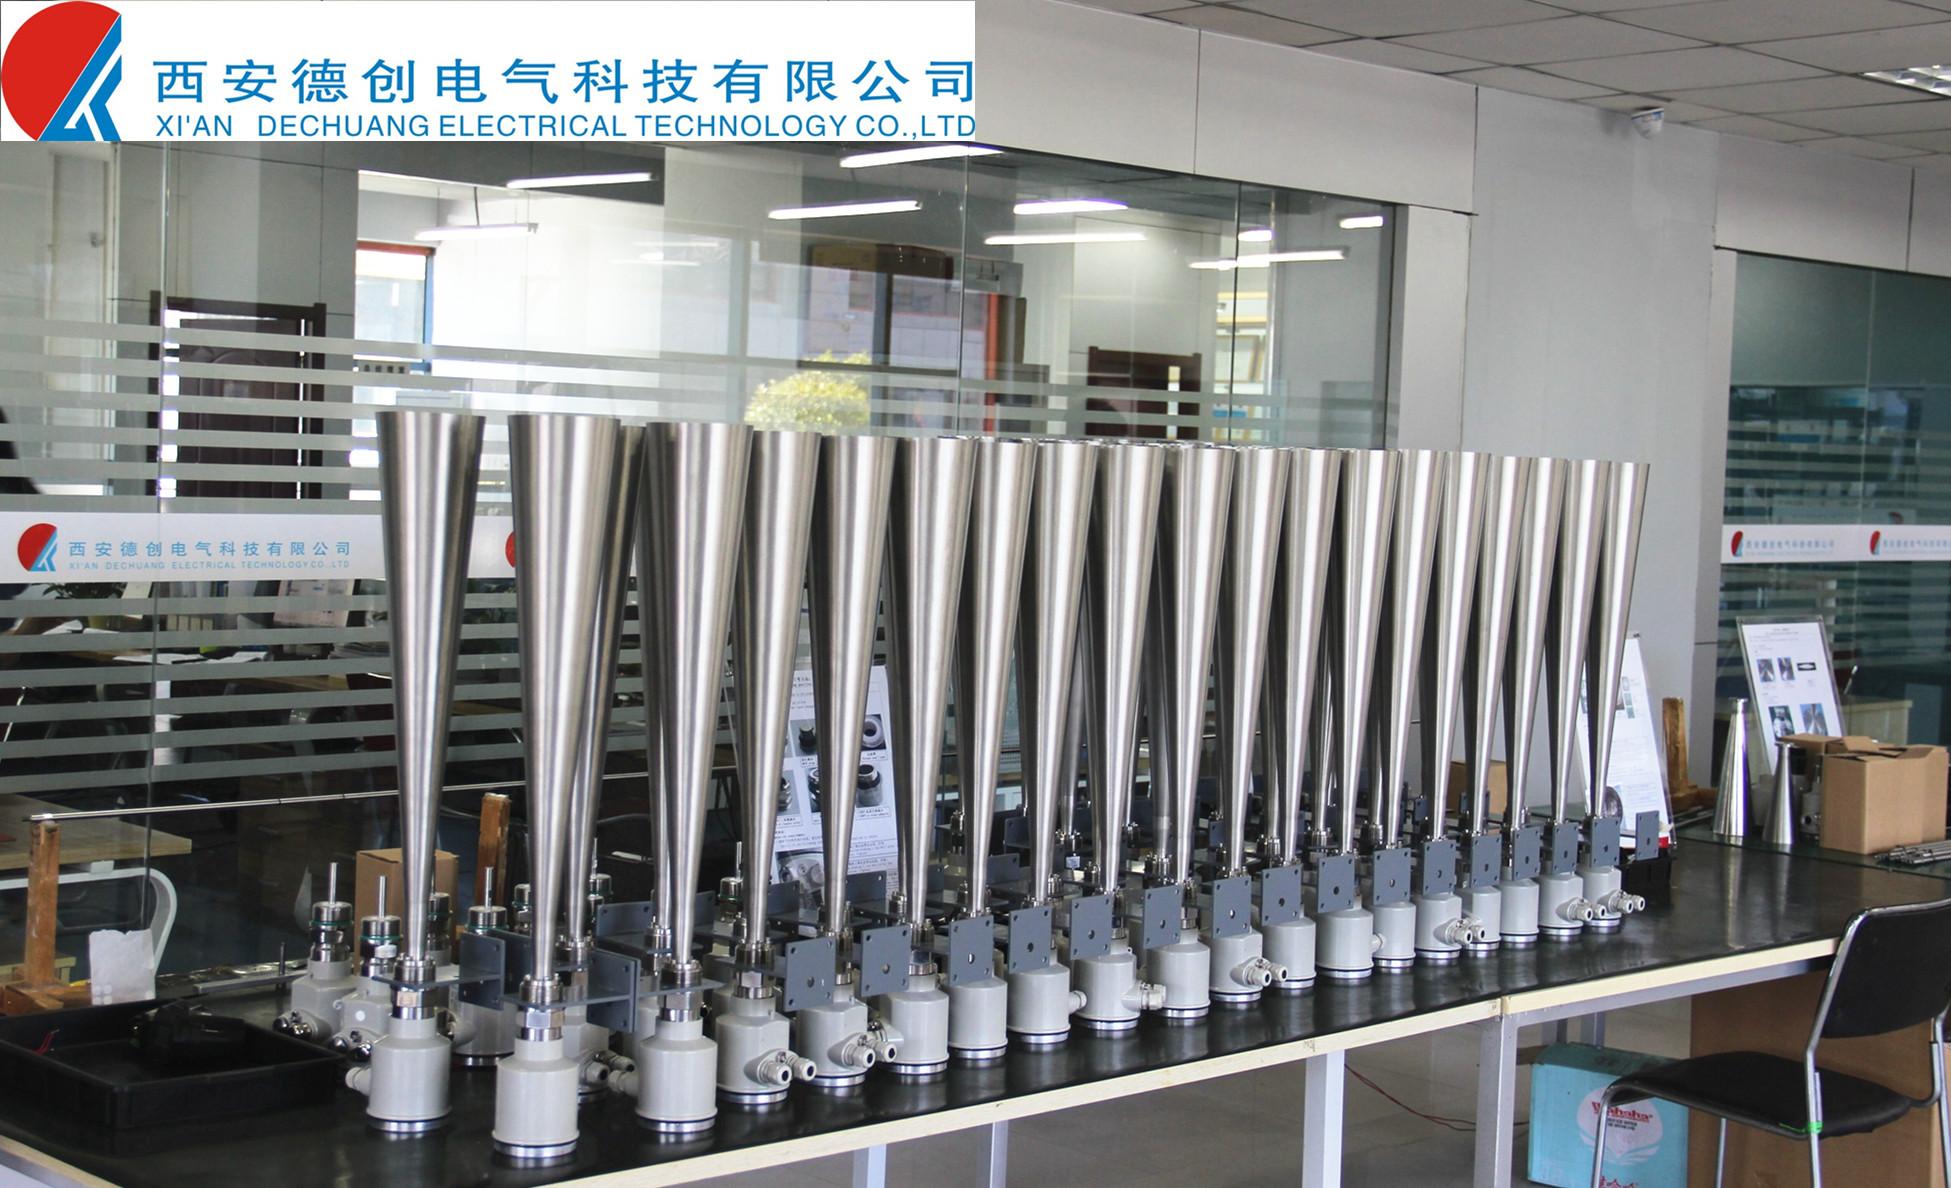 レーダーレベル送信機油圧発電所下水処理監視プロジェクト環境保護工場